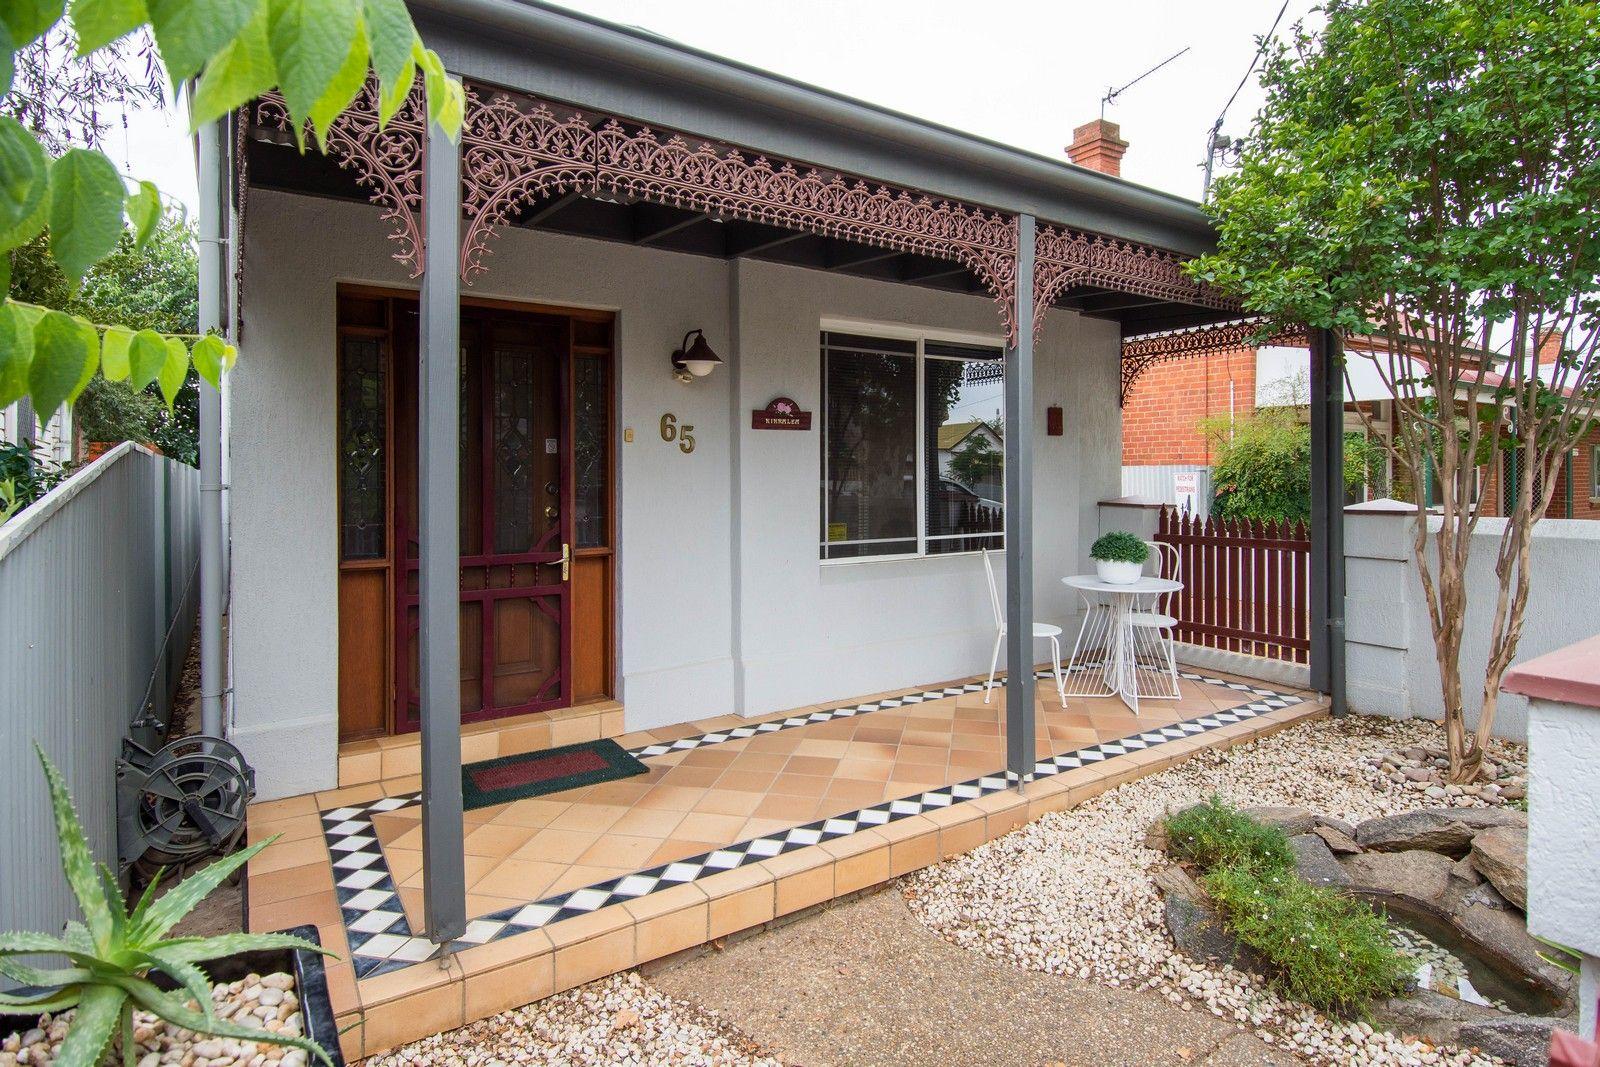 1/65 Crampton Street, Wagga Wagga NSW 2650, Image 1